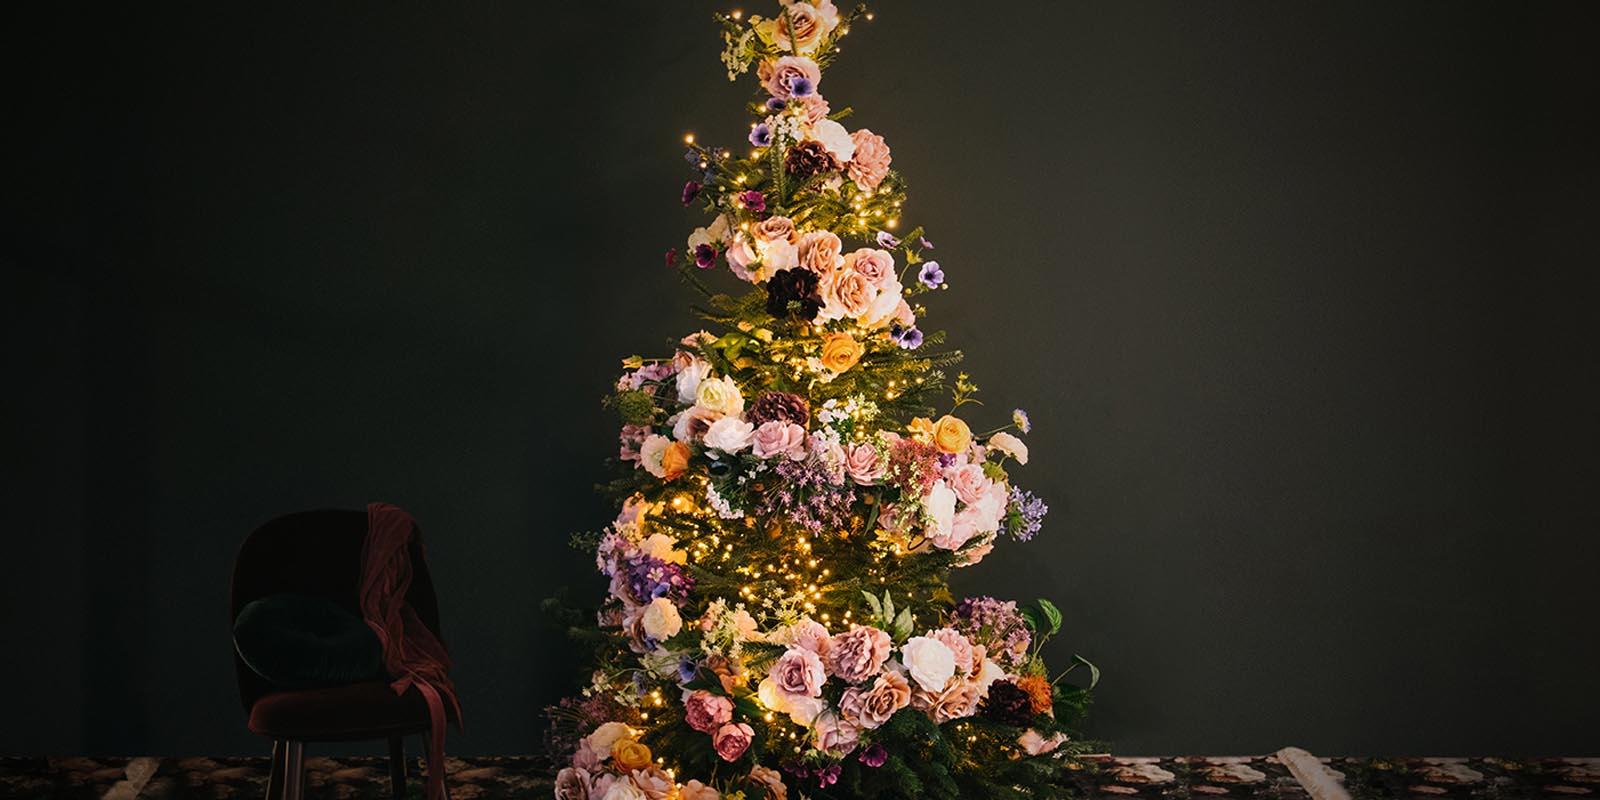 DIY Blumenweihnachtsbaum